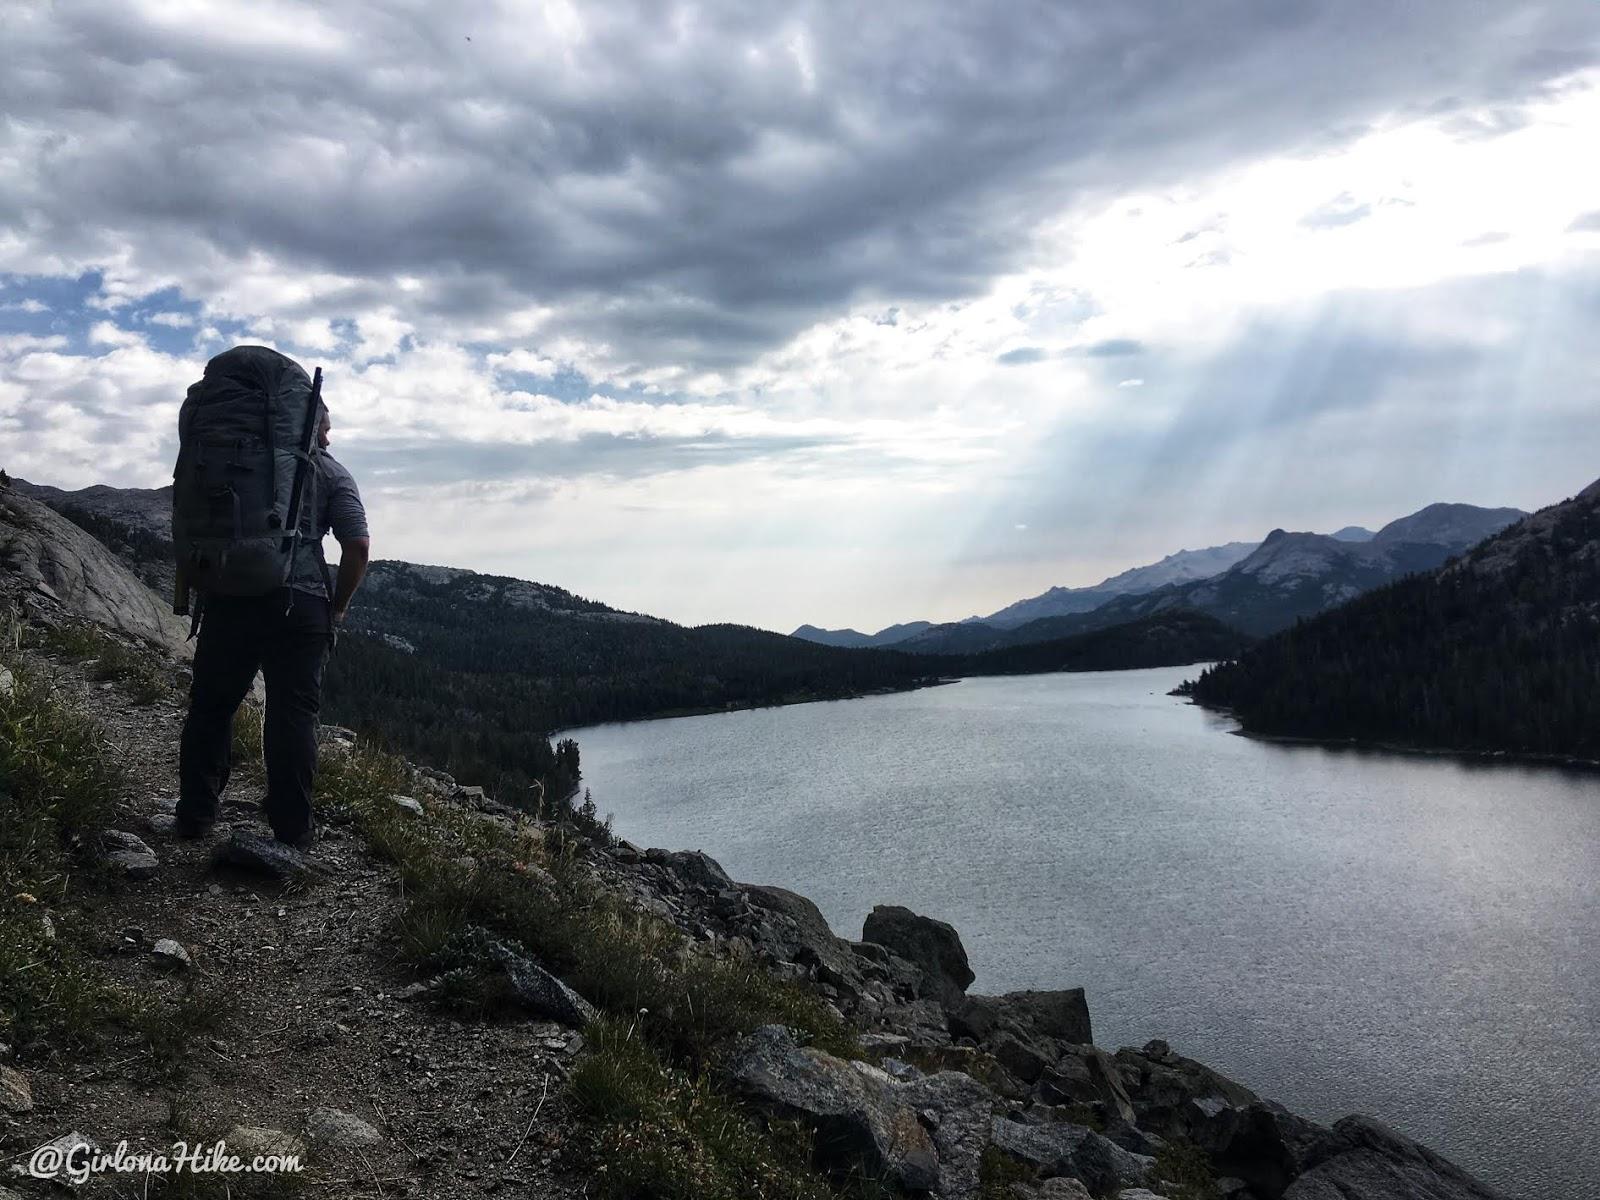 Backpacking to Mt. Hooker & Baptiste Lake, Wind River Range, Grave Lake